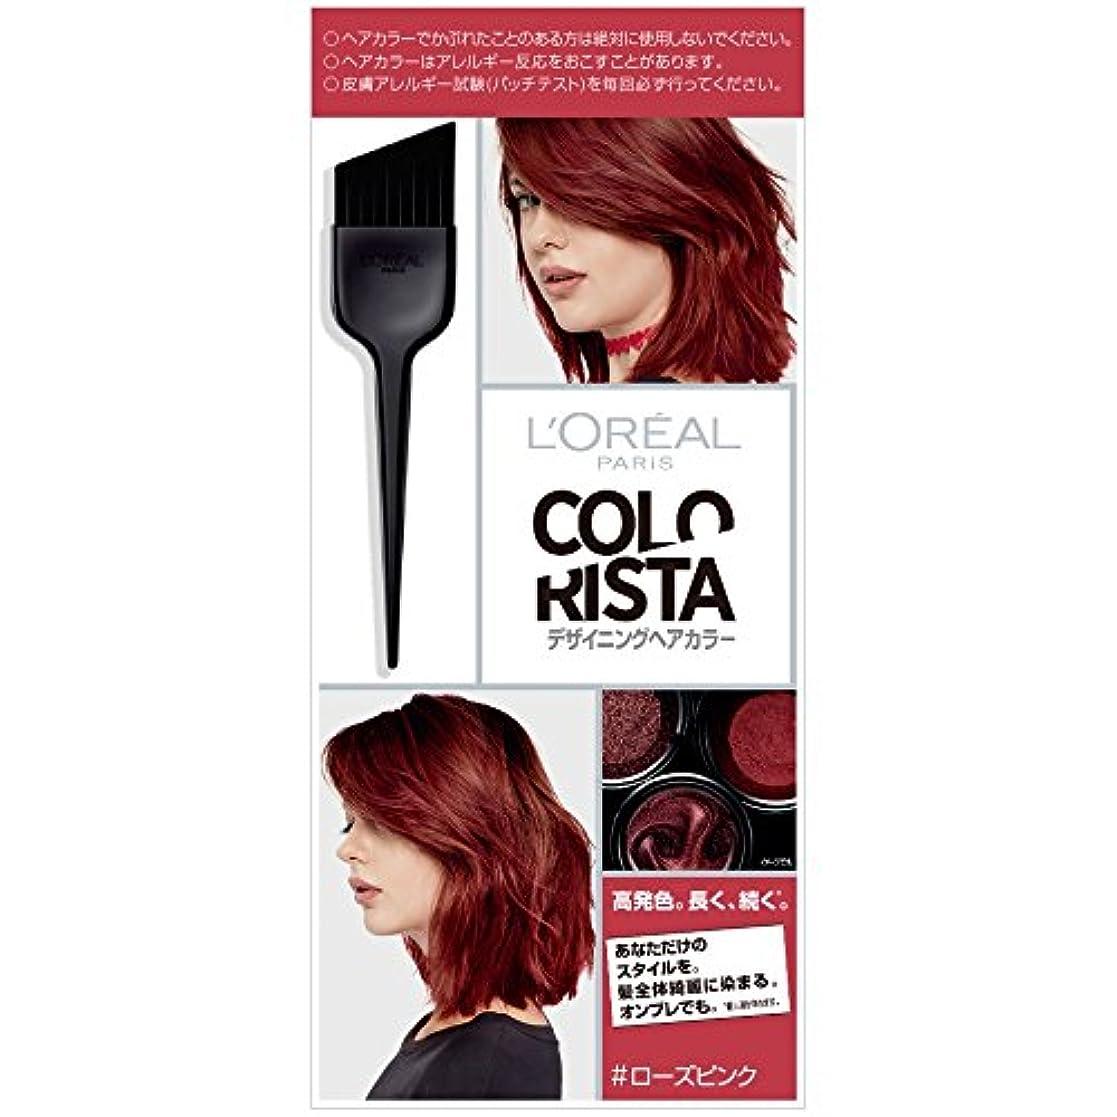 ペルメル拳エイズロレアル パリ カラーリスタ デザイニングヘアカラー ローズピンク